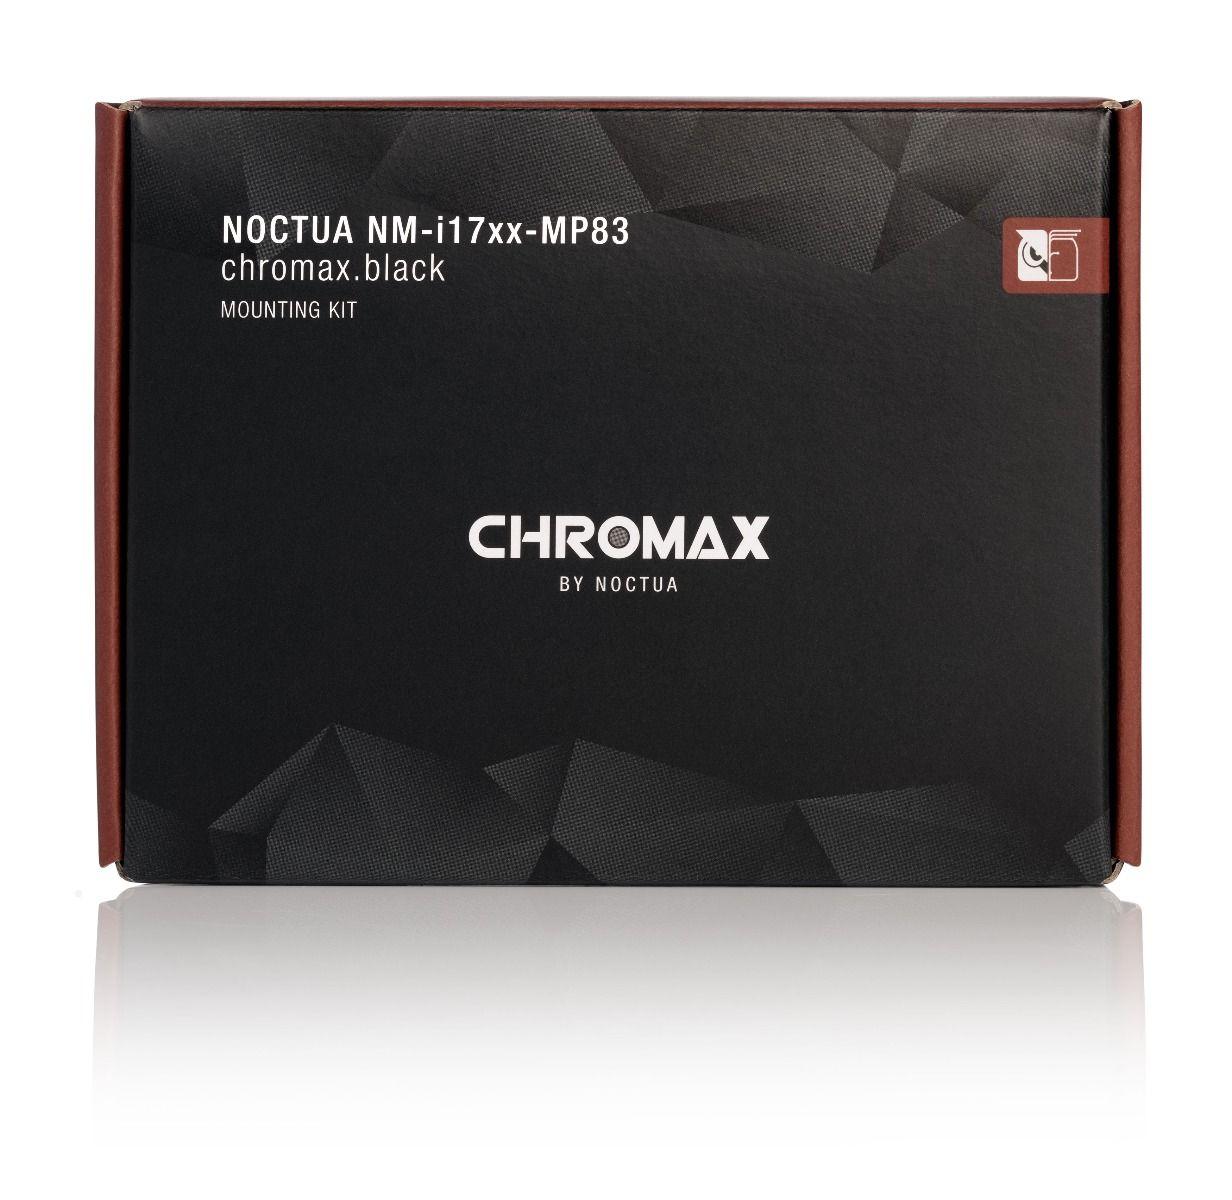 nm_i17xx_mp83_chromax_black_2